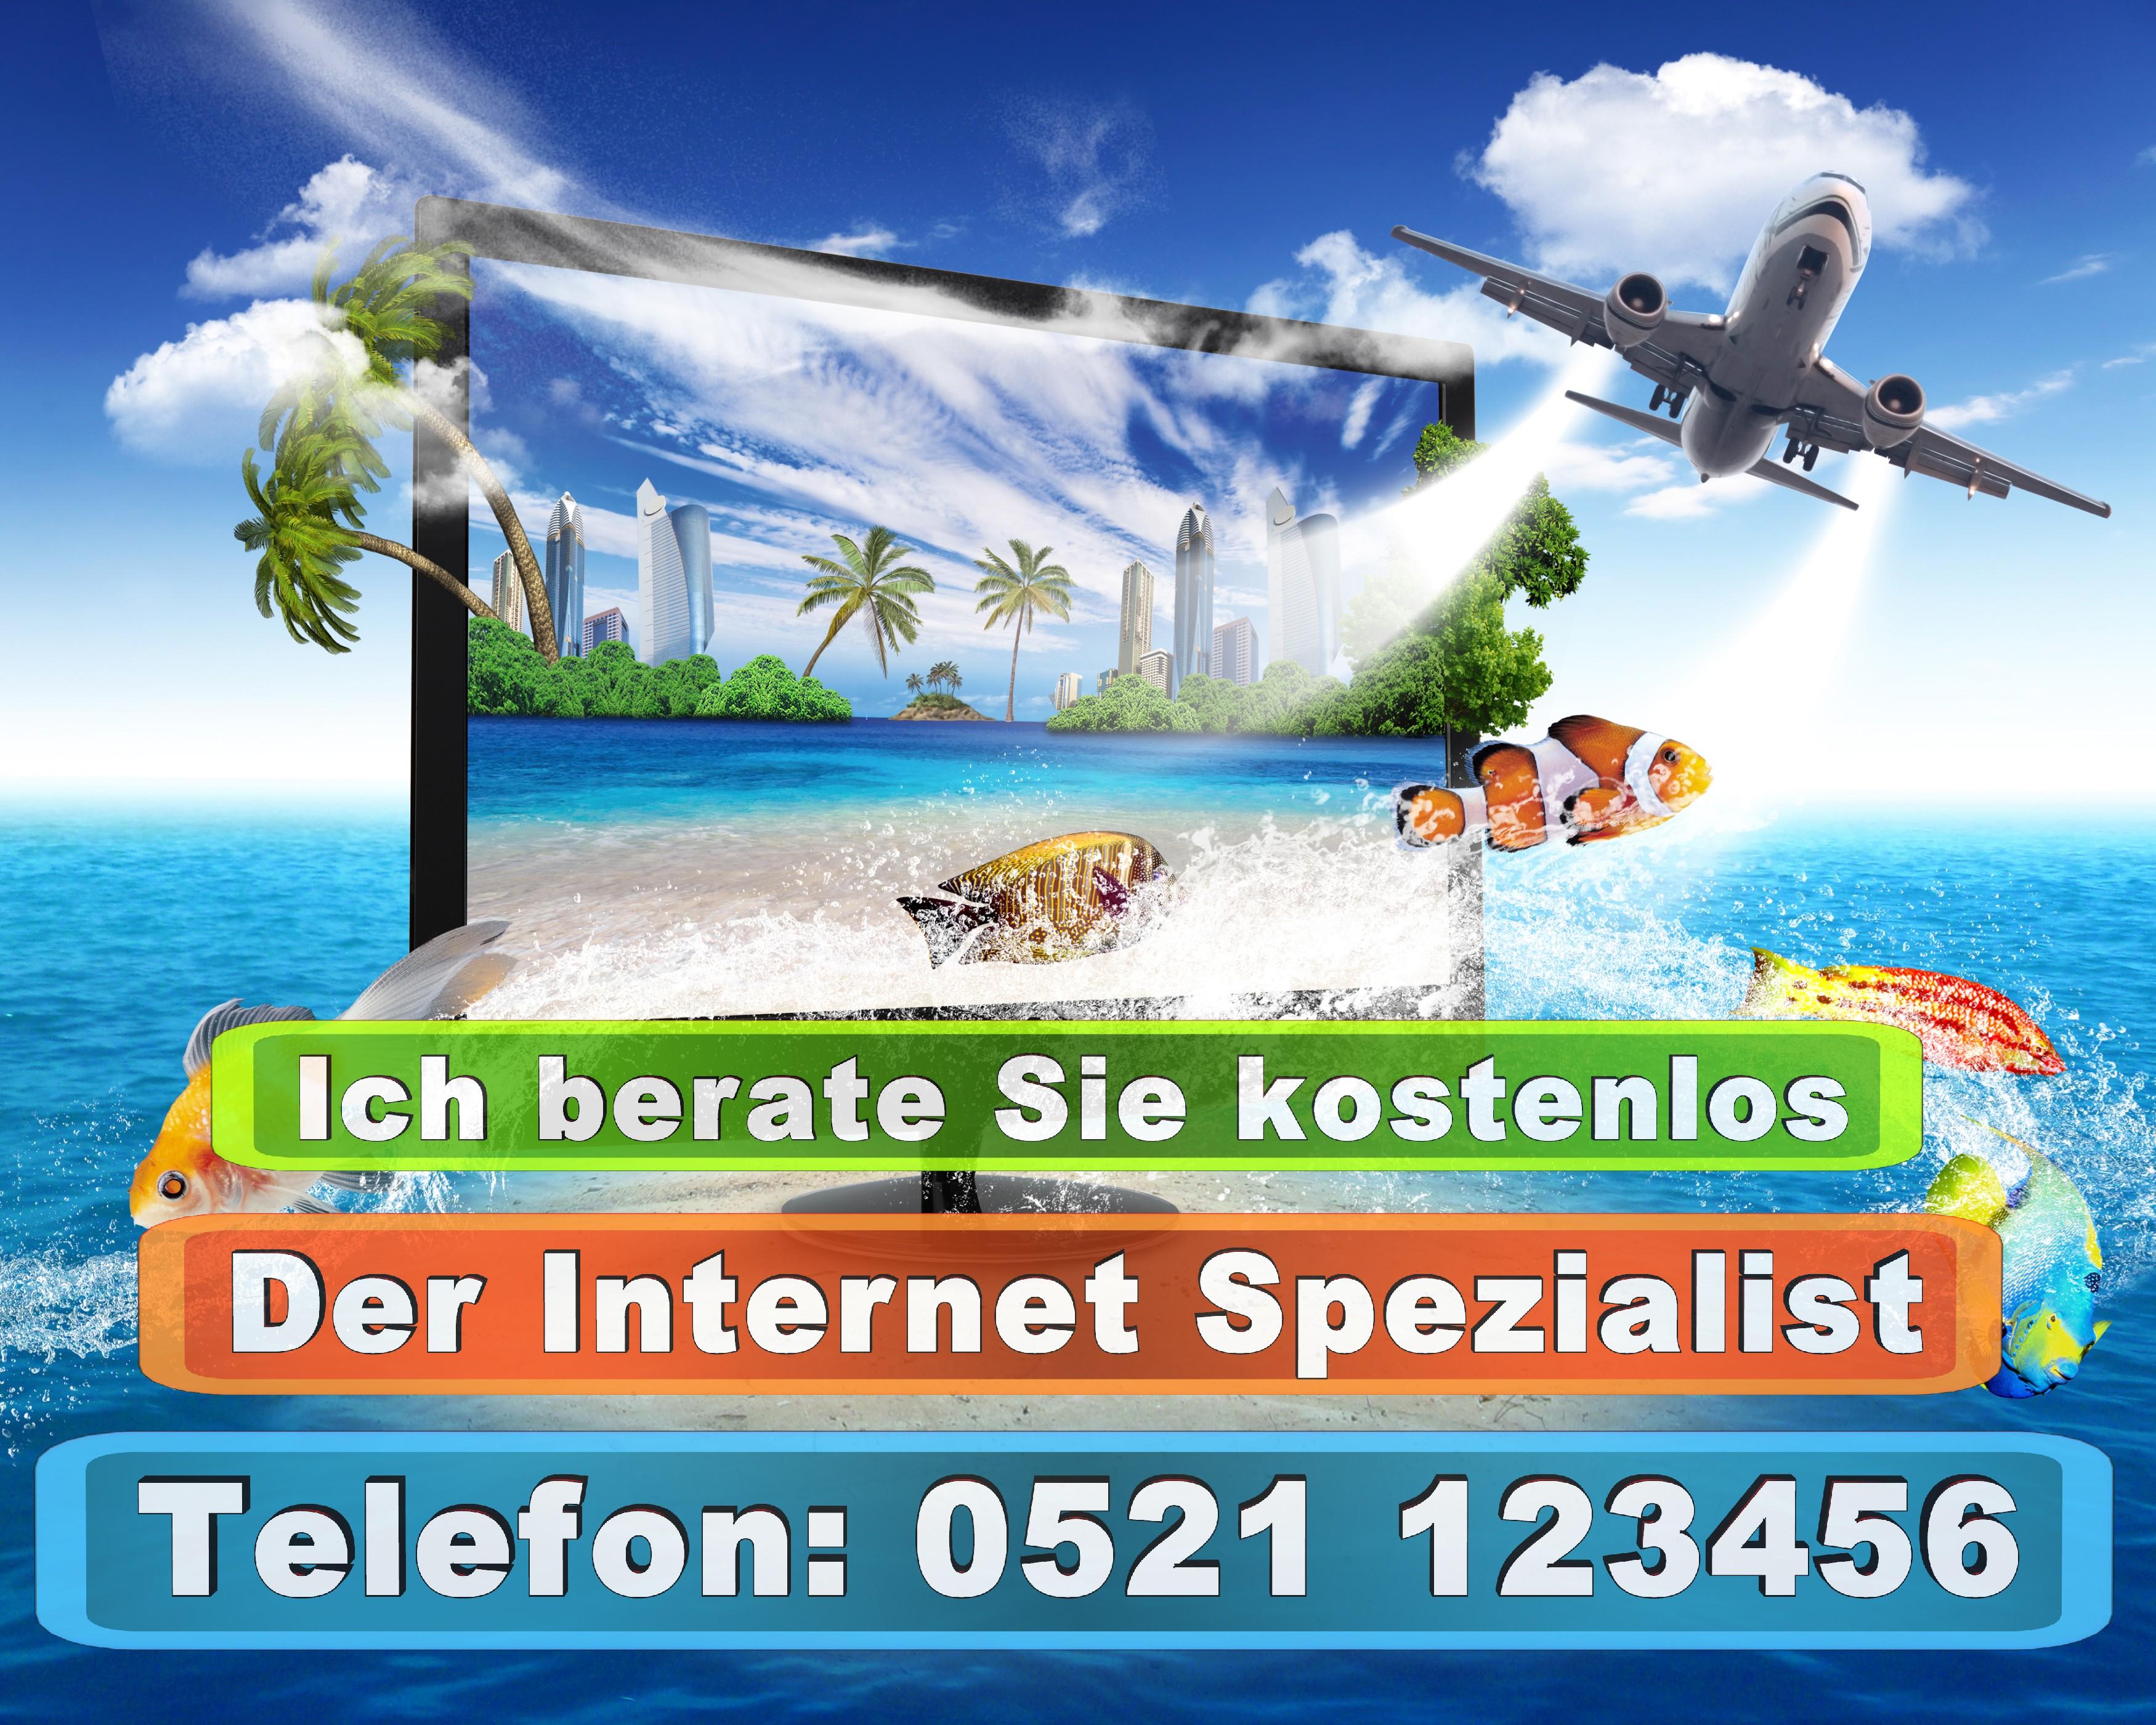 Sportvereine Bielefeld Teutoburger Wald Eisenbahn Sparrenburg Tierpark Bielefeld Gibt Es Nicht Joke Map Germany Conspirancy Photos Pictures Images (11)